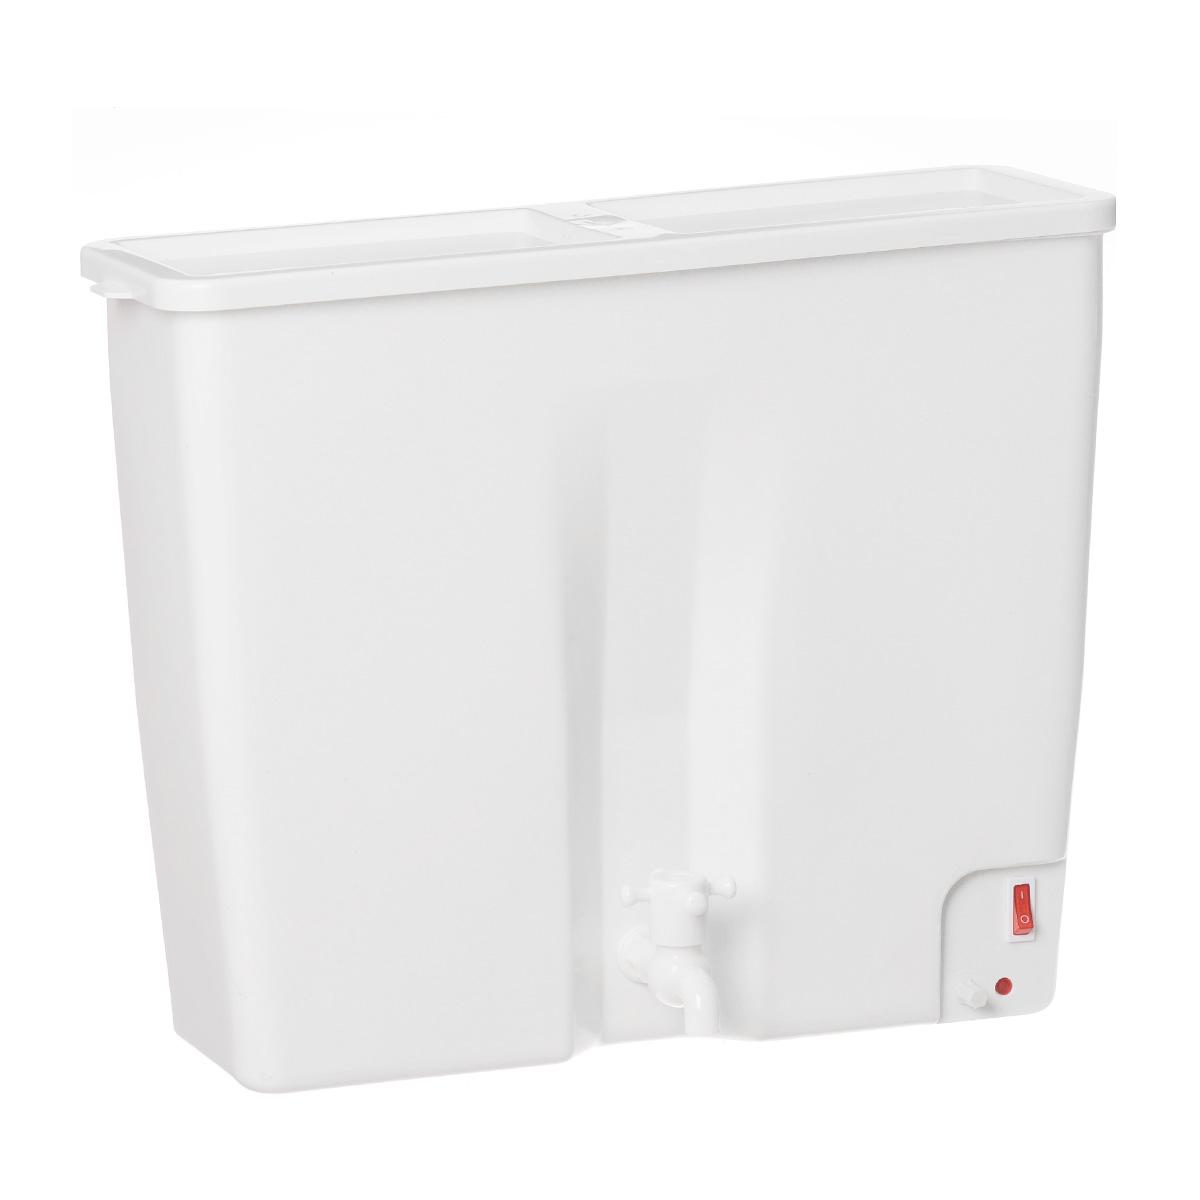 ЭлБЭТ ЭВБО-22, White электроводонагревательЭВБО-22ЭлБЭТ ЭВБО-22 - прекрасный 22 - литровый водонагреватель с ручной регулировкой температуры. Элитные материалы придают модели необыкновенный шарм.